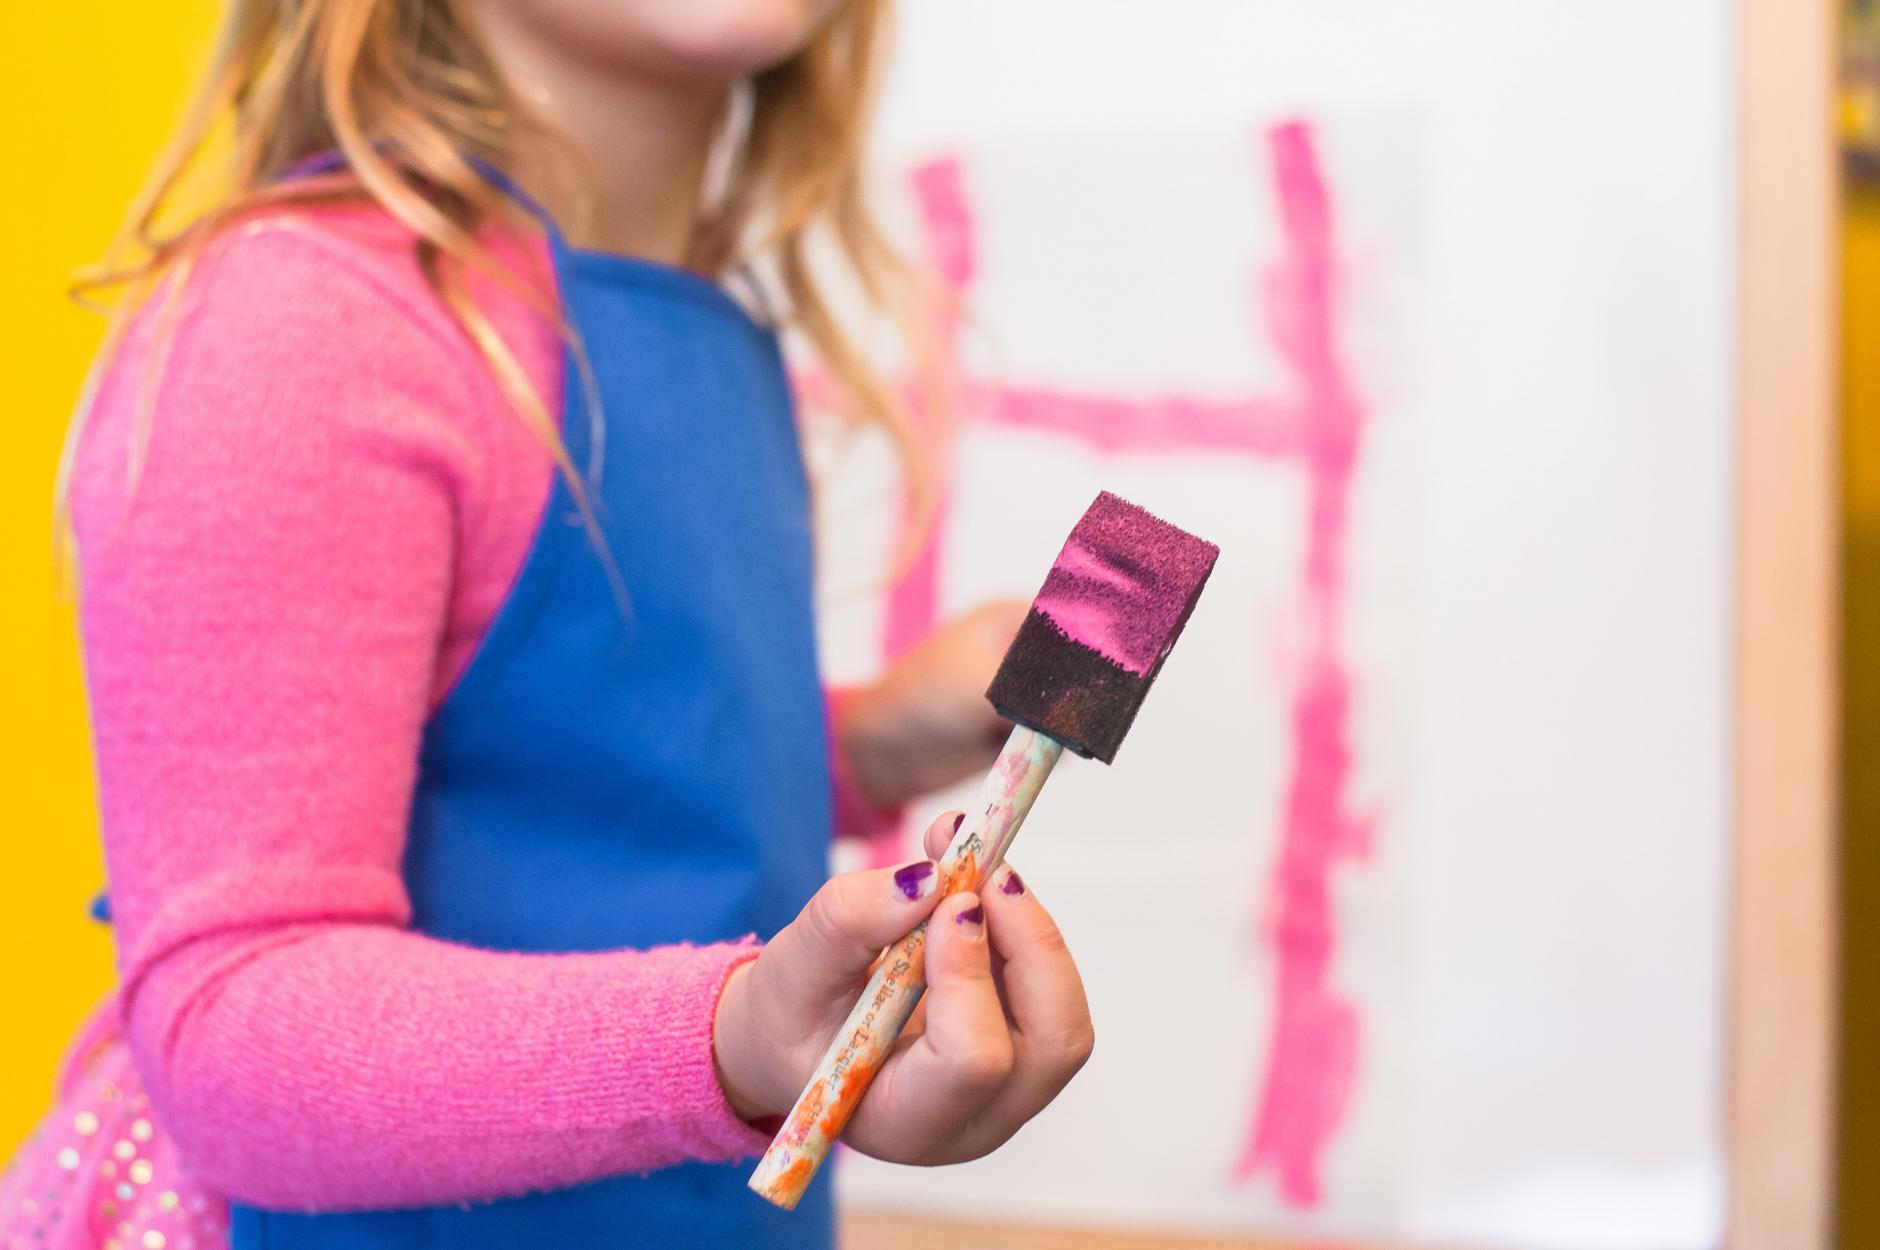 Cómo hacer pintura casera para pintar con los niños